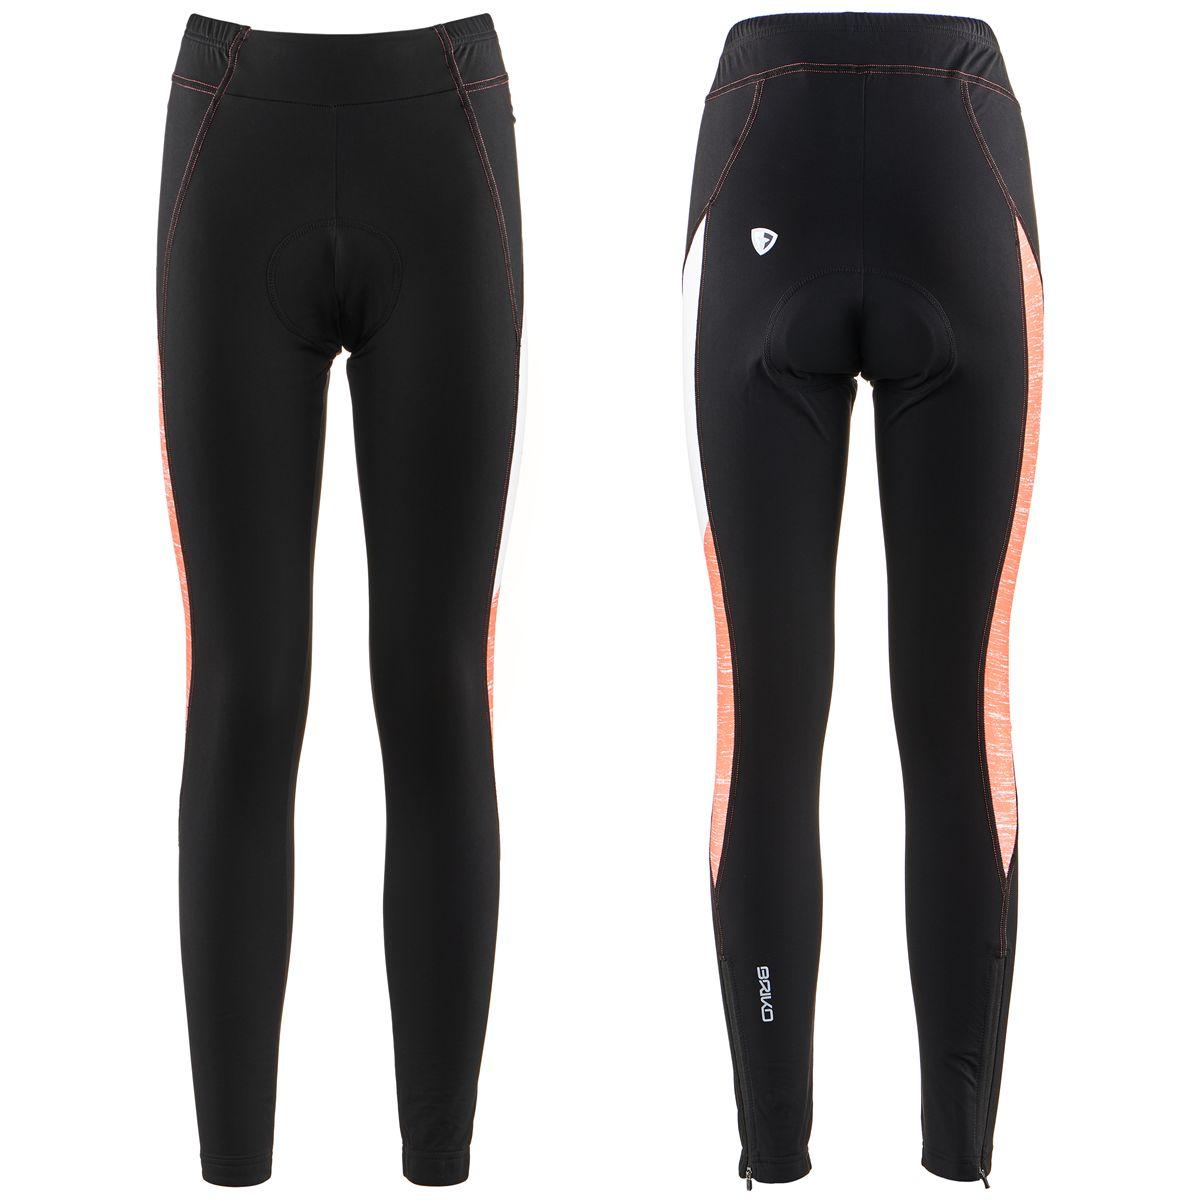 Briko Pants GT PRO LADY PANTS Woman Sport Trousers